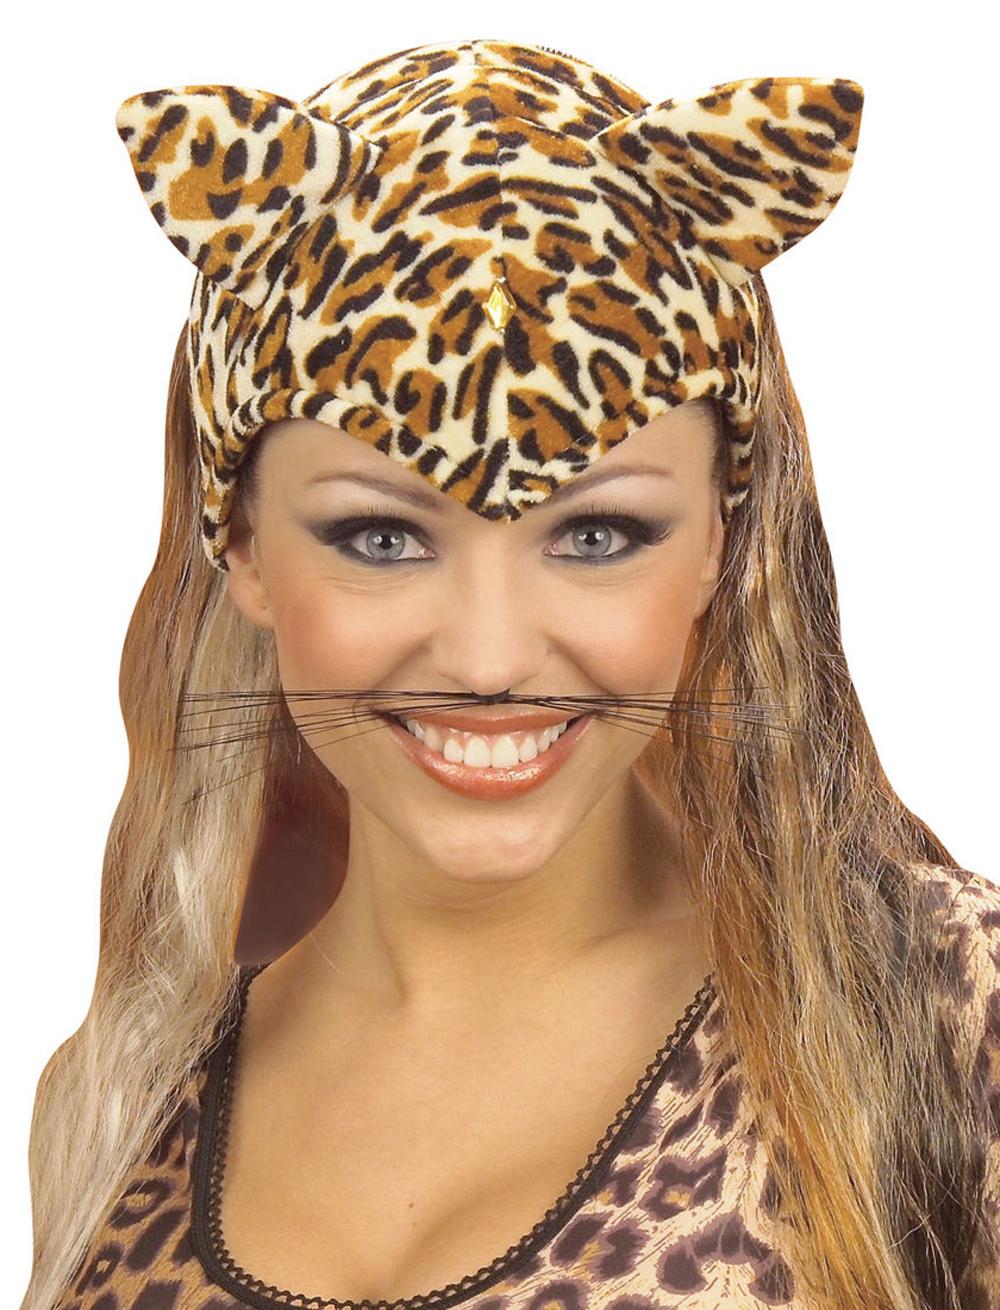 Kostuemzubehor Schnurrhaare Katzen Farbe: braun